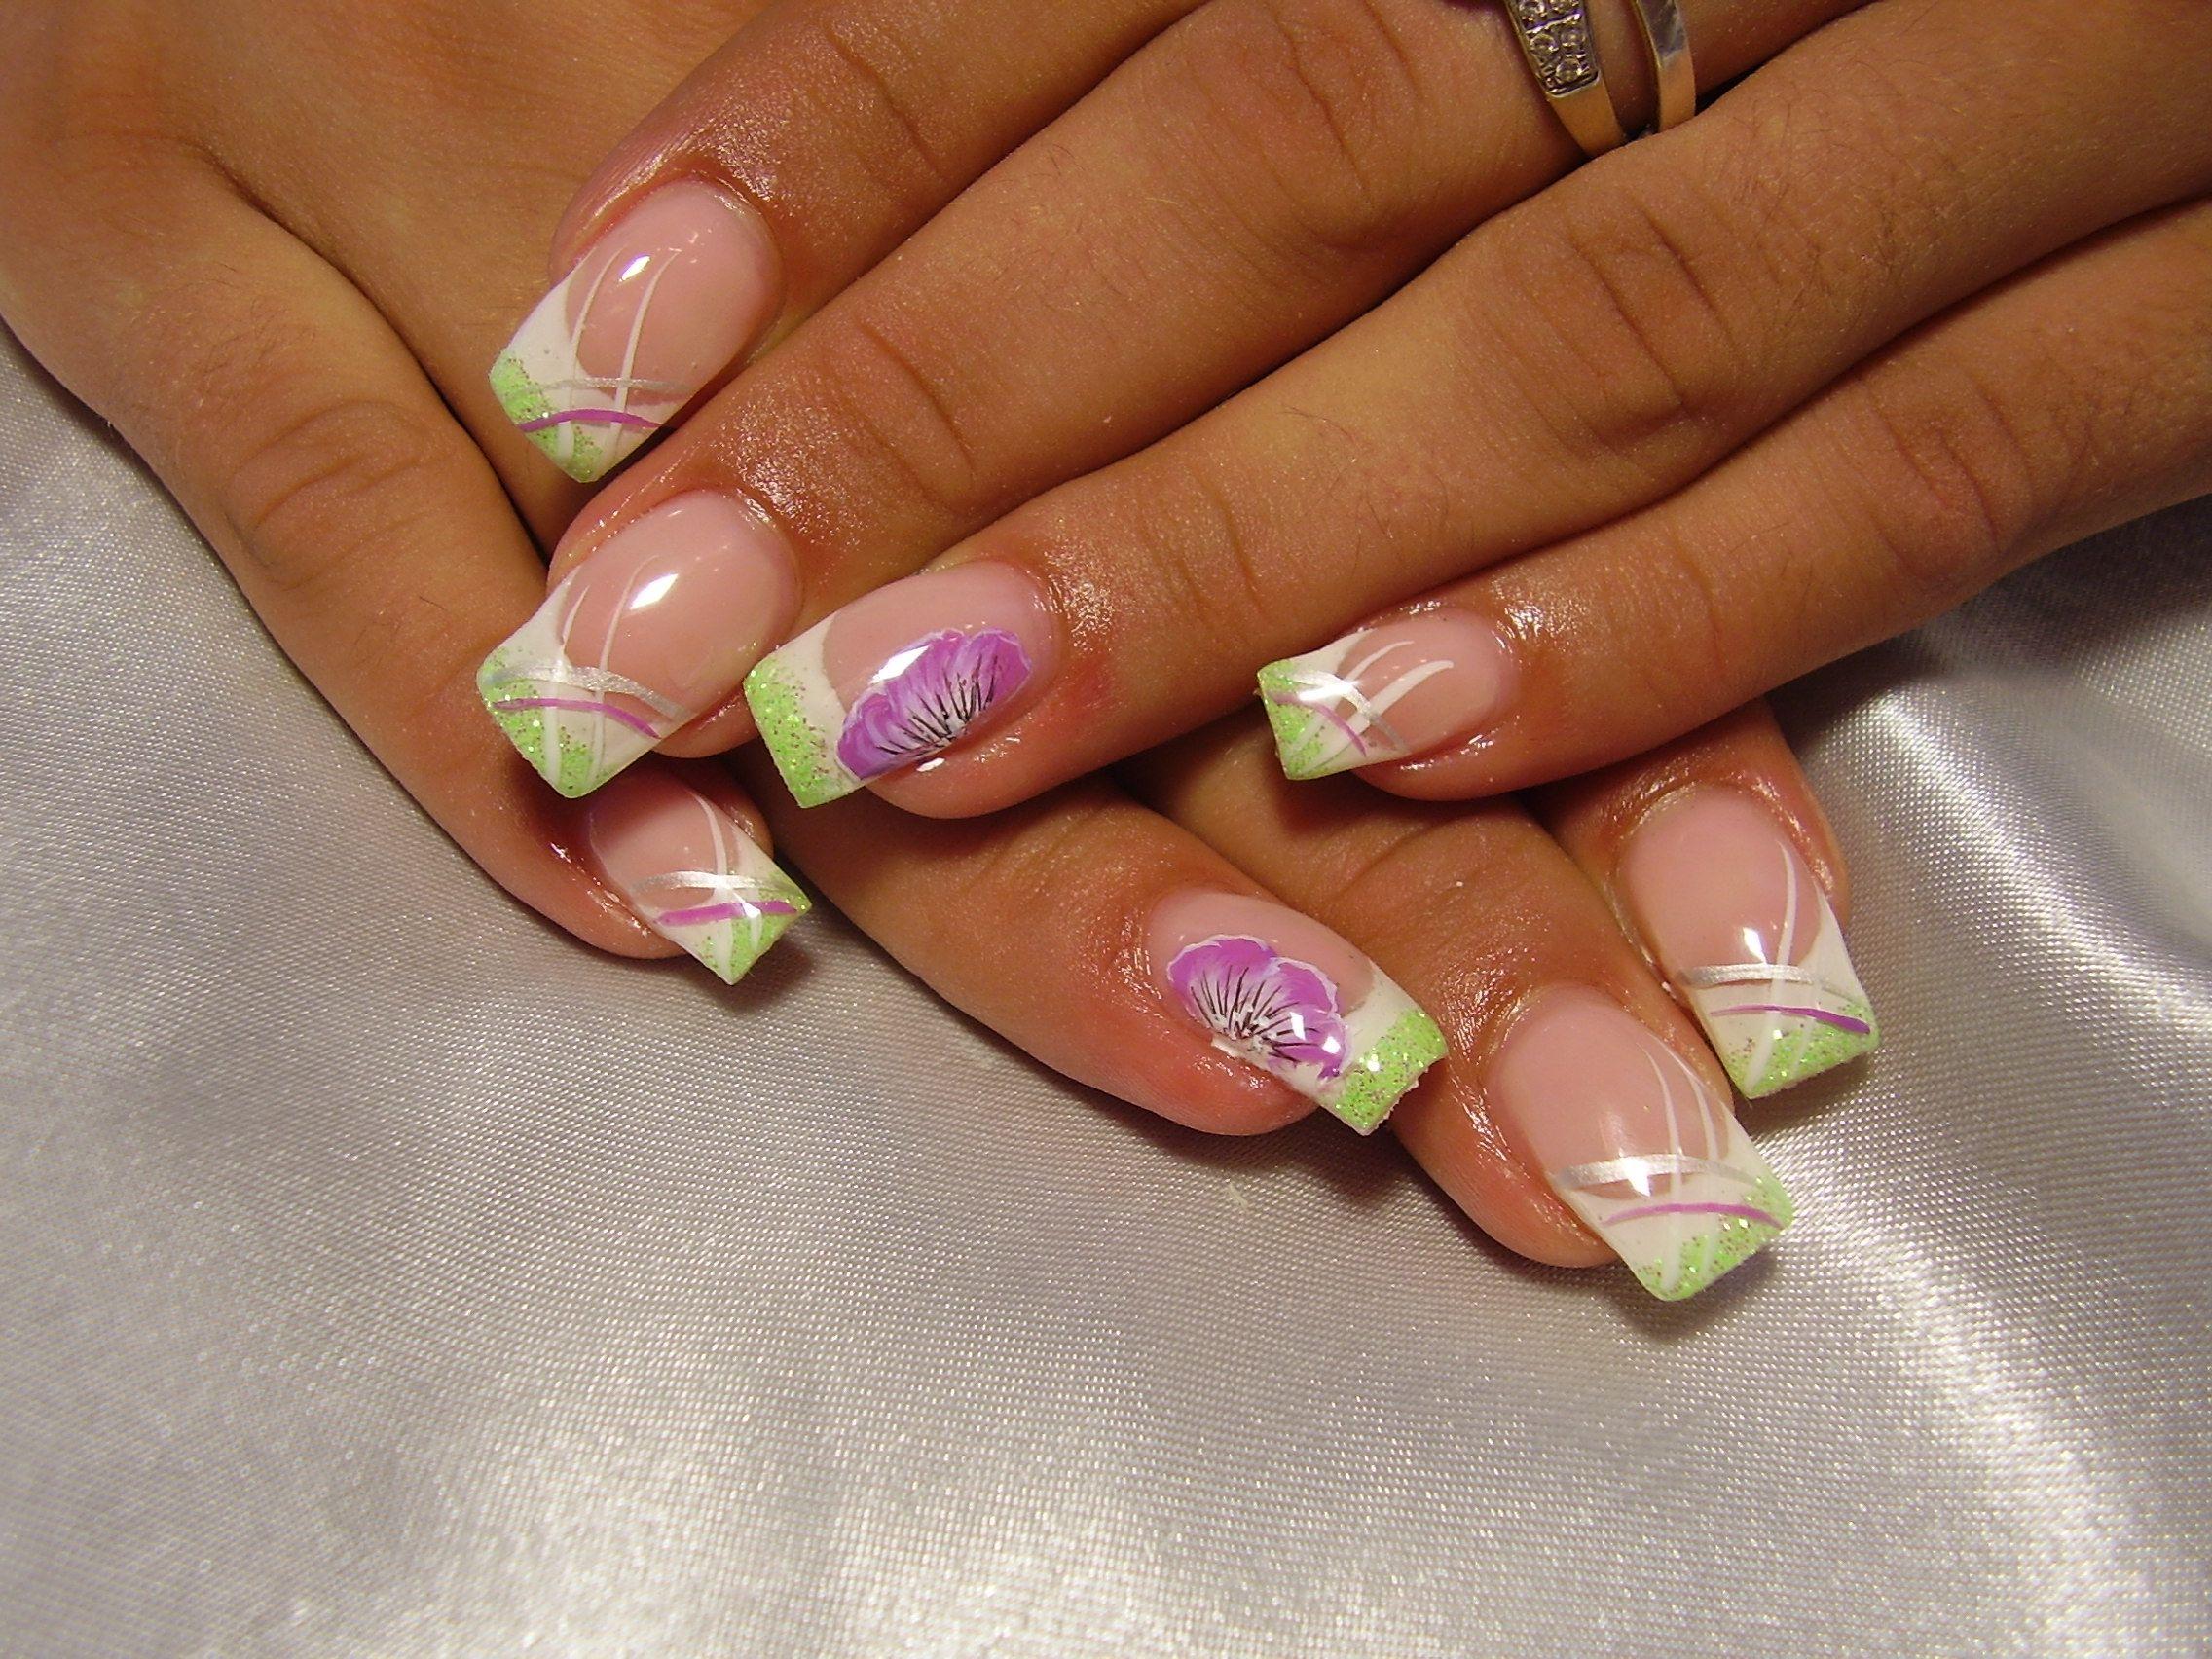 spring nails | My nails | Pinterest | Spring nails, Aqua nails and ...